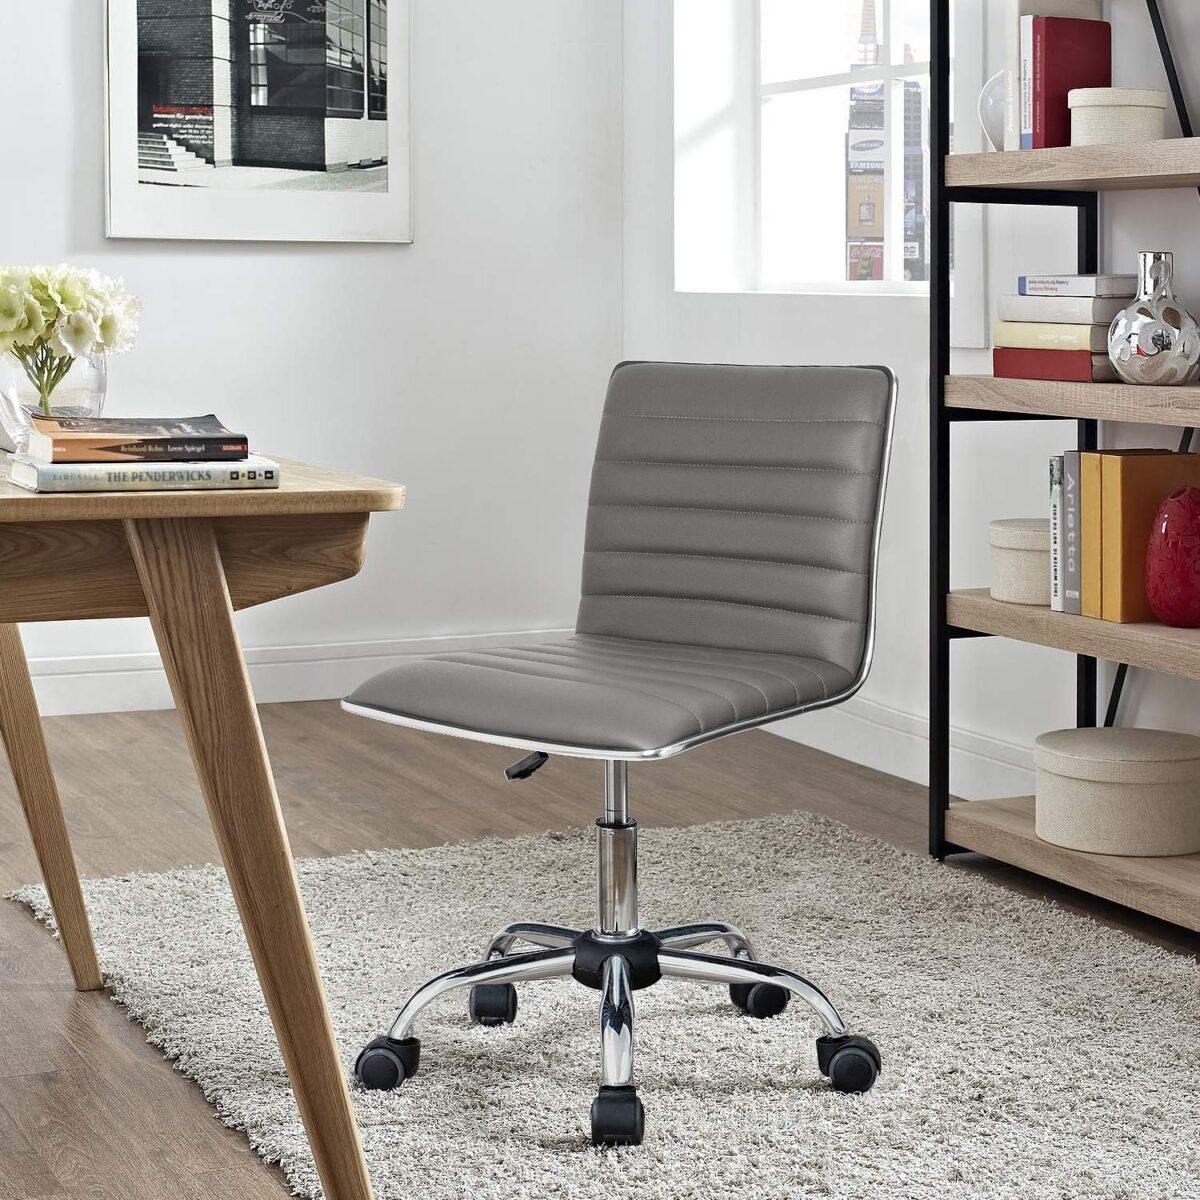 Come pulire le ruote della sedia da scrivania